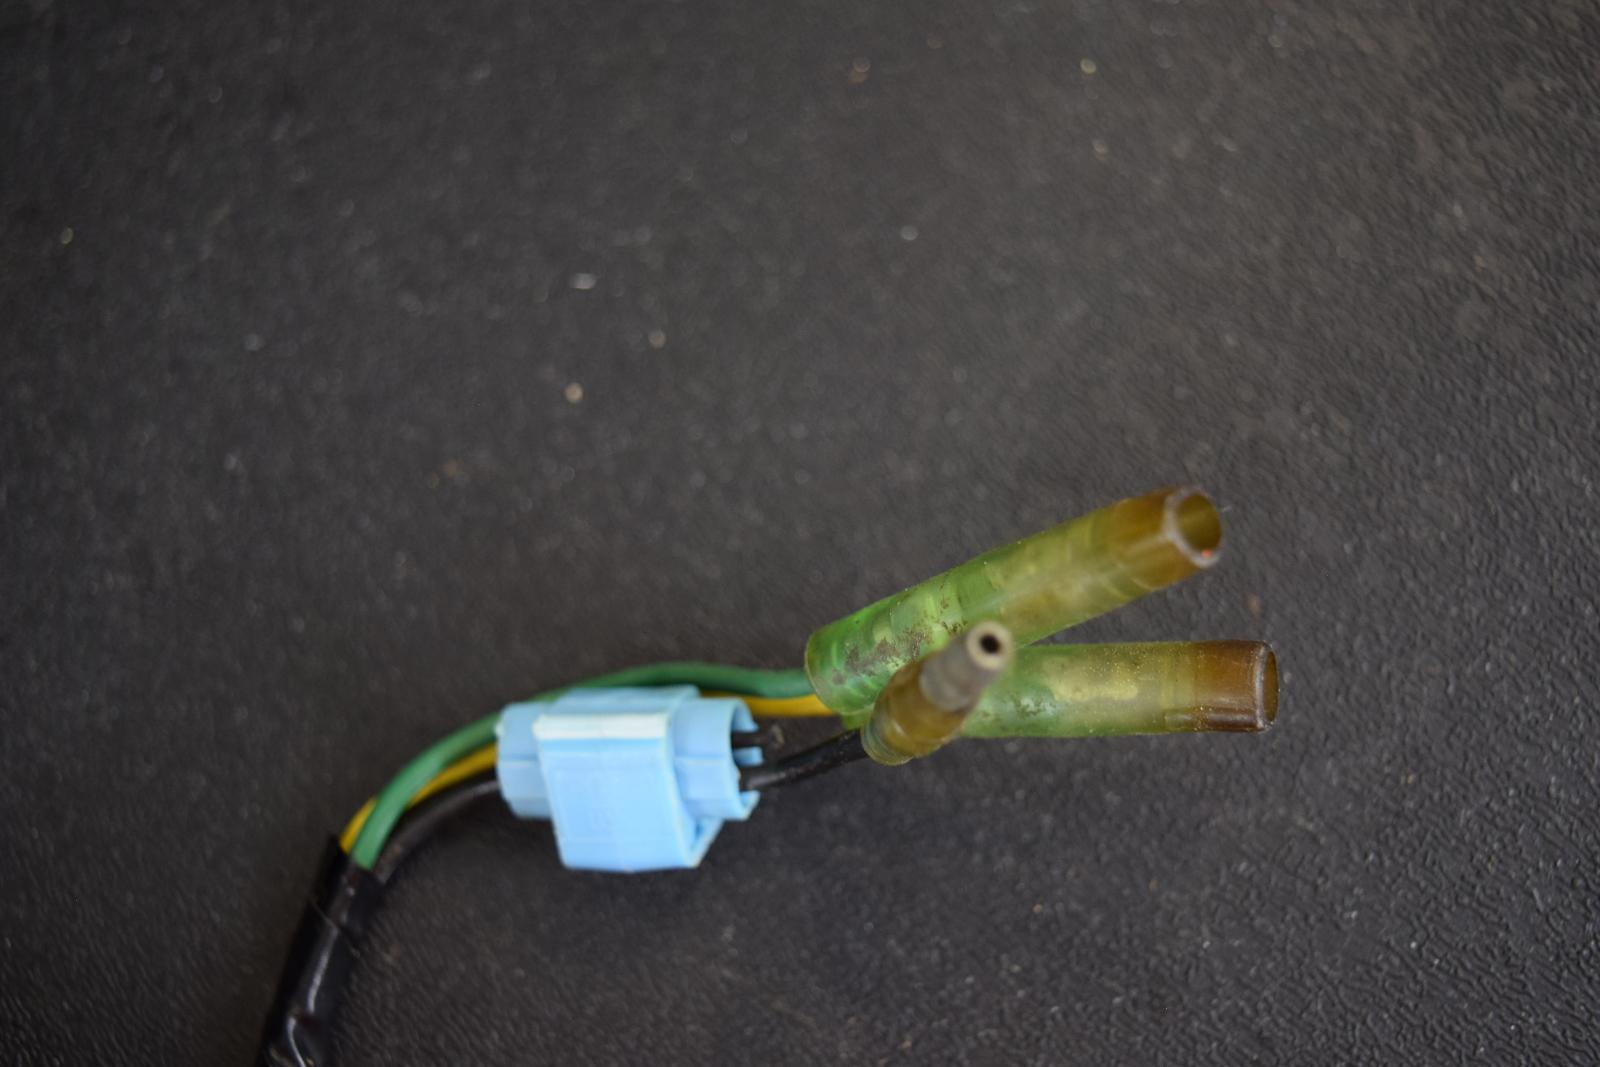 yamaha mariner boat dashboard panel w choke main switch kill yamaha mariner boat dashboard panel w choke main switch kill switch